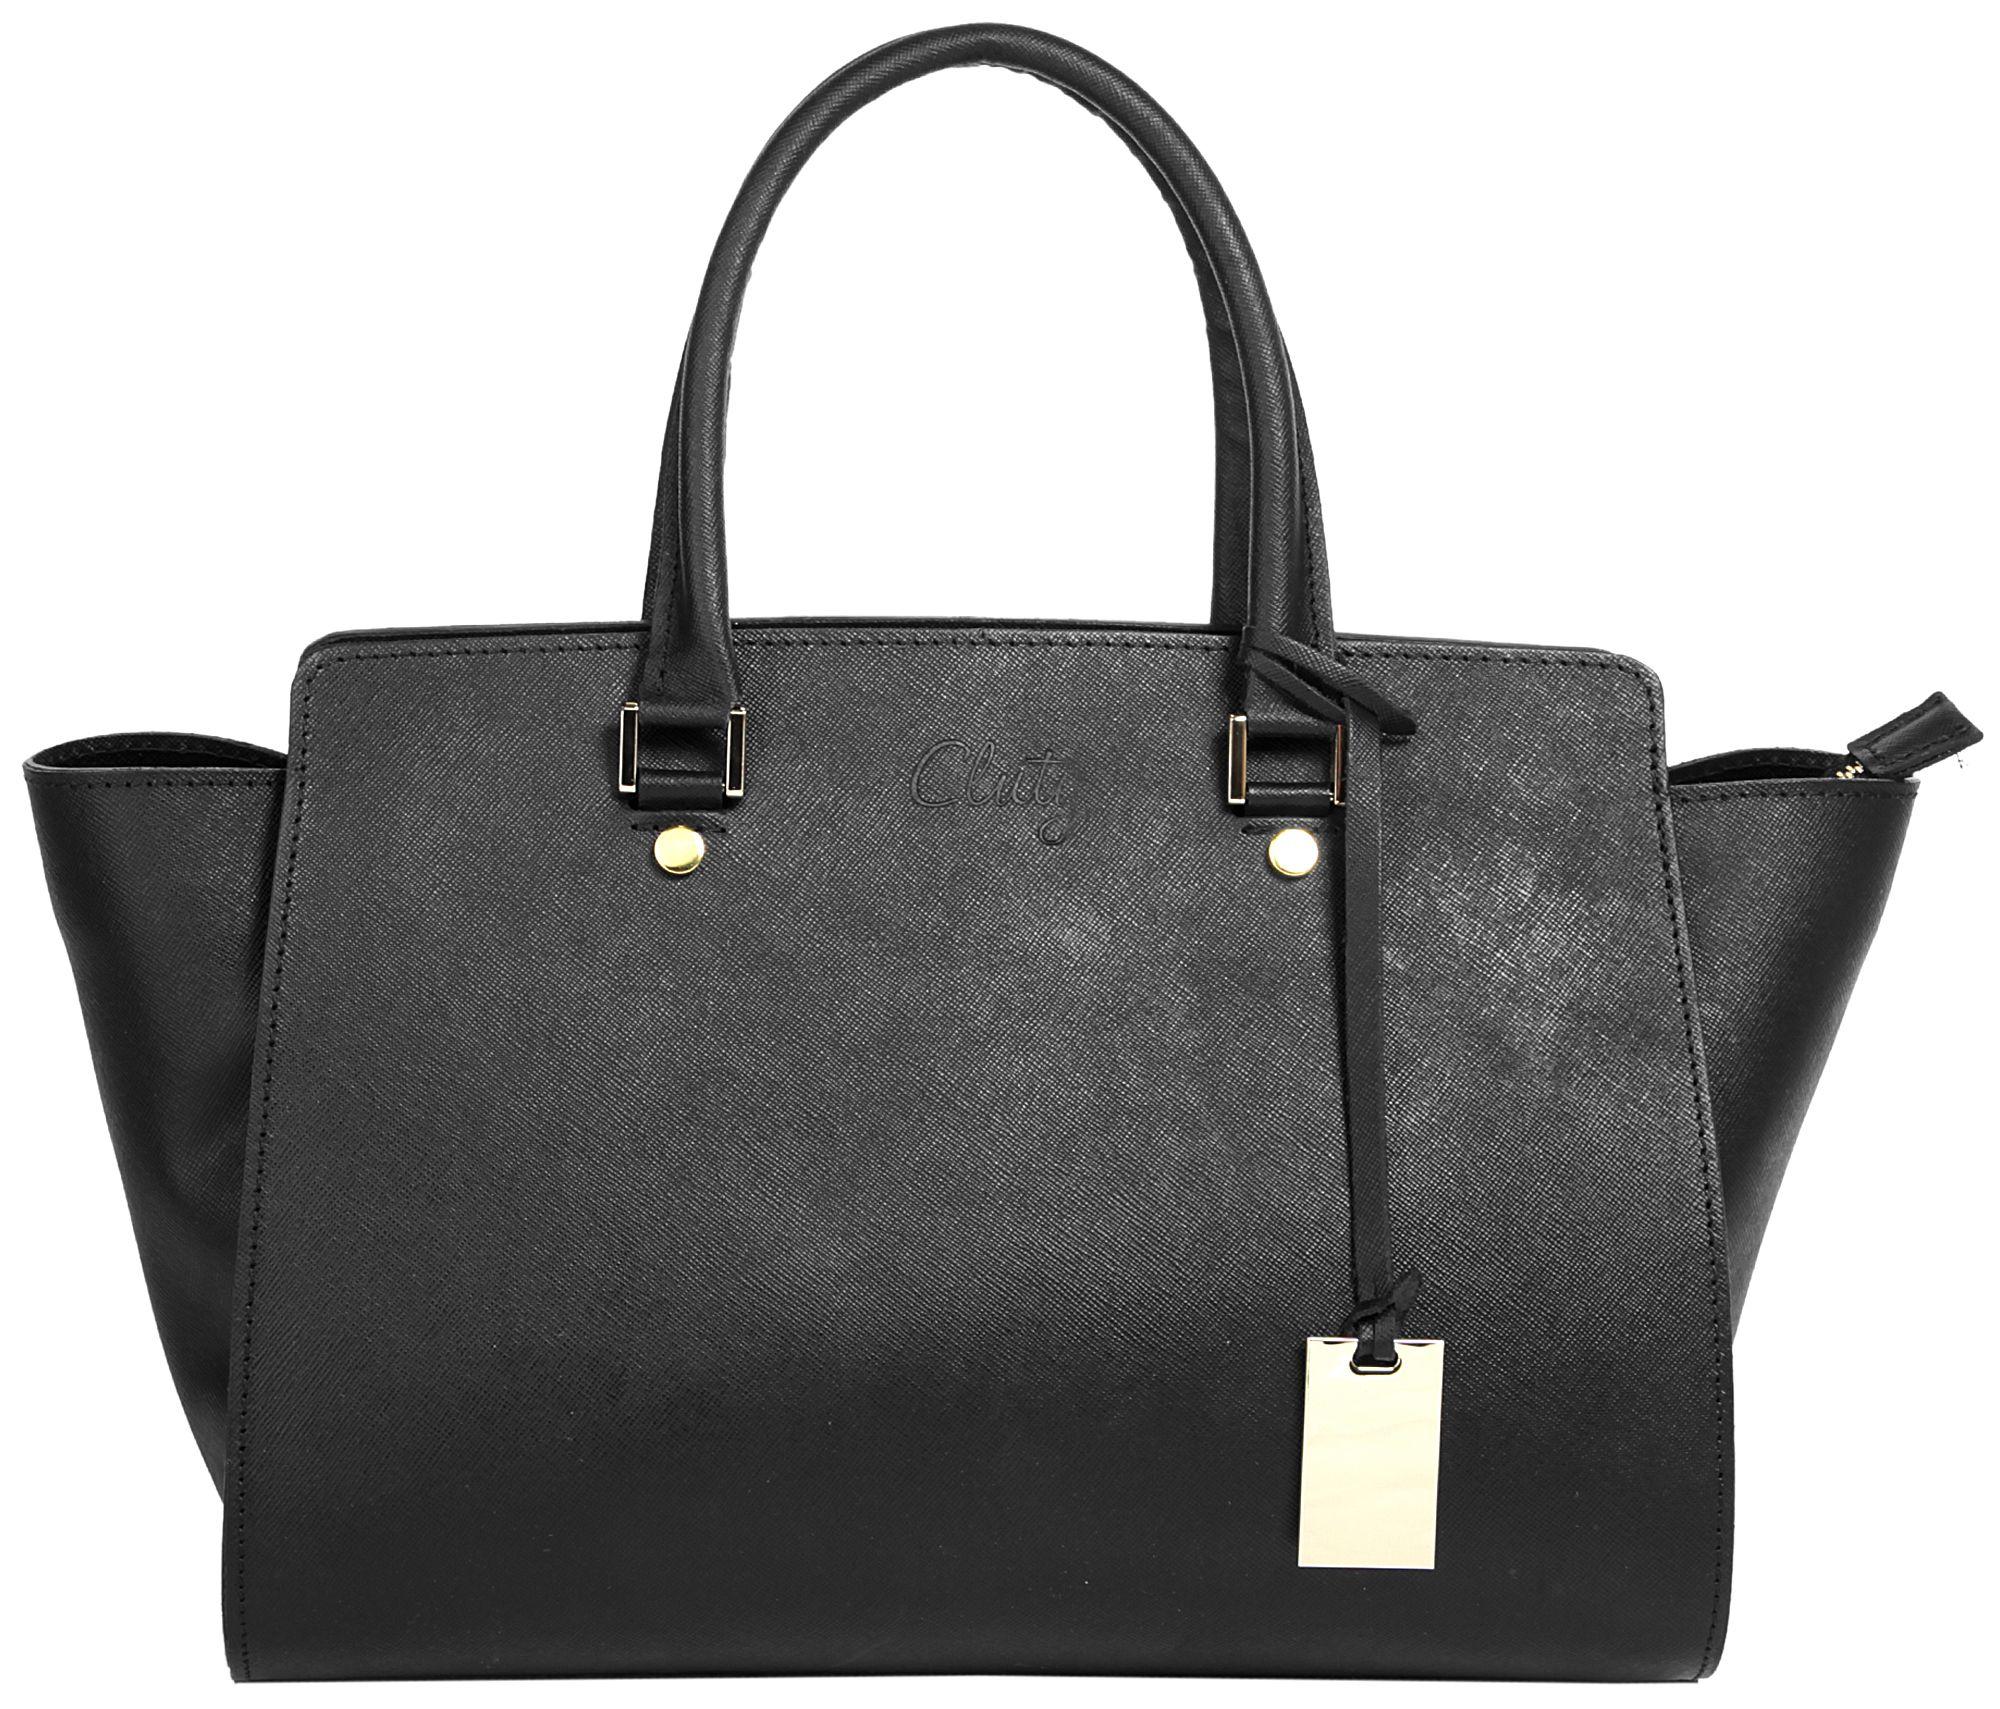 CLUTY Cluty Leder Damen Handtasche »Georgine«